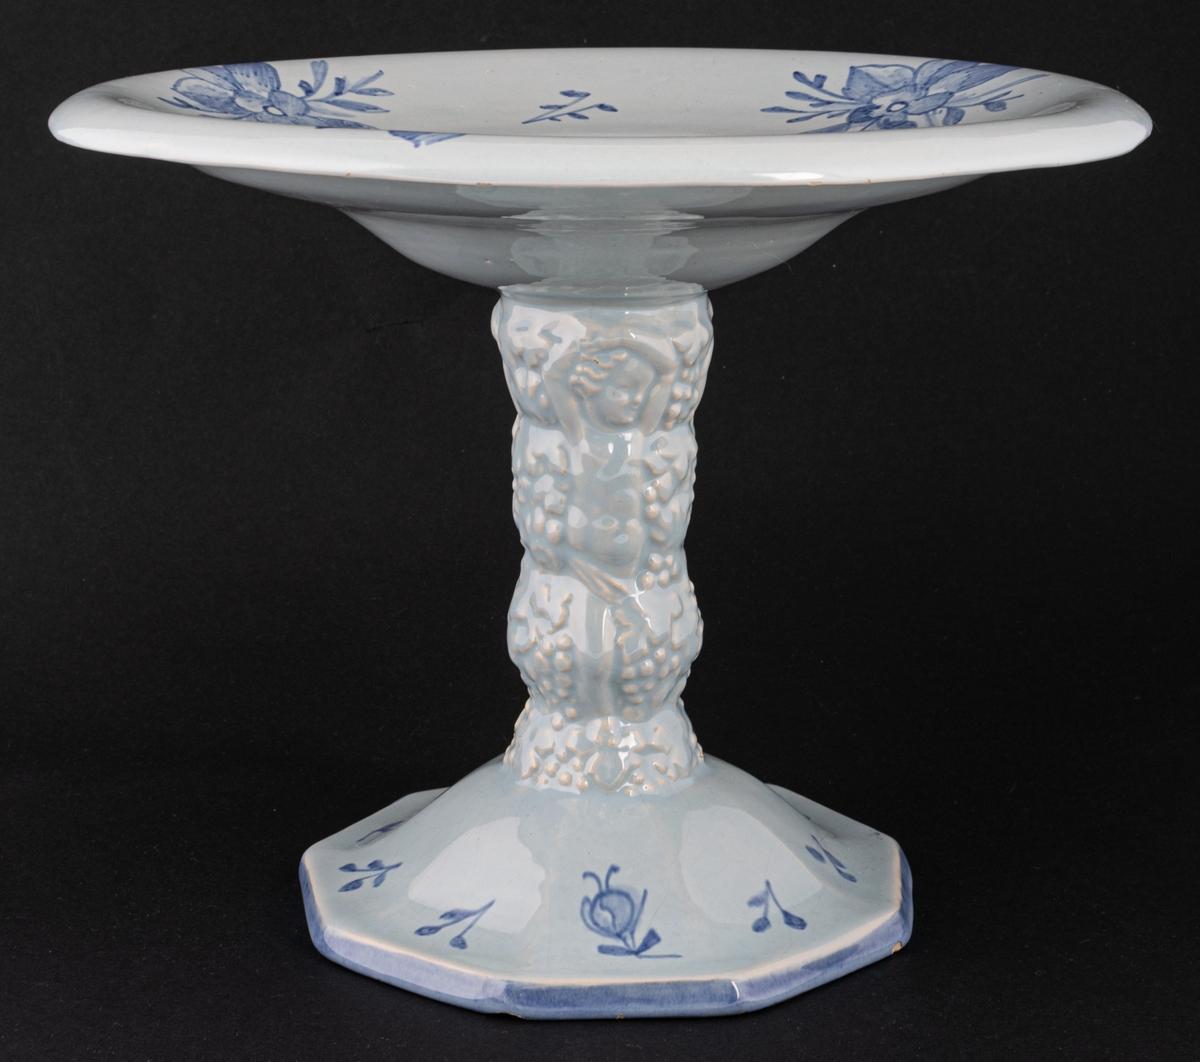 Skål med skulpterad fot, ljusblå med mörkare blå dekor. Tillverkad vid Bobergs Fajansfabrik i Gävle 1922-1924, formgiven av Gabriel Burmeister.